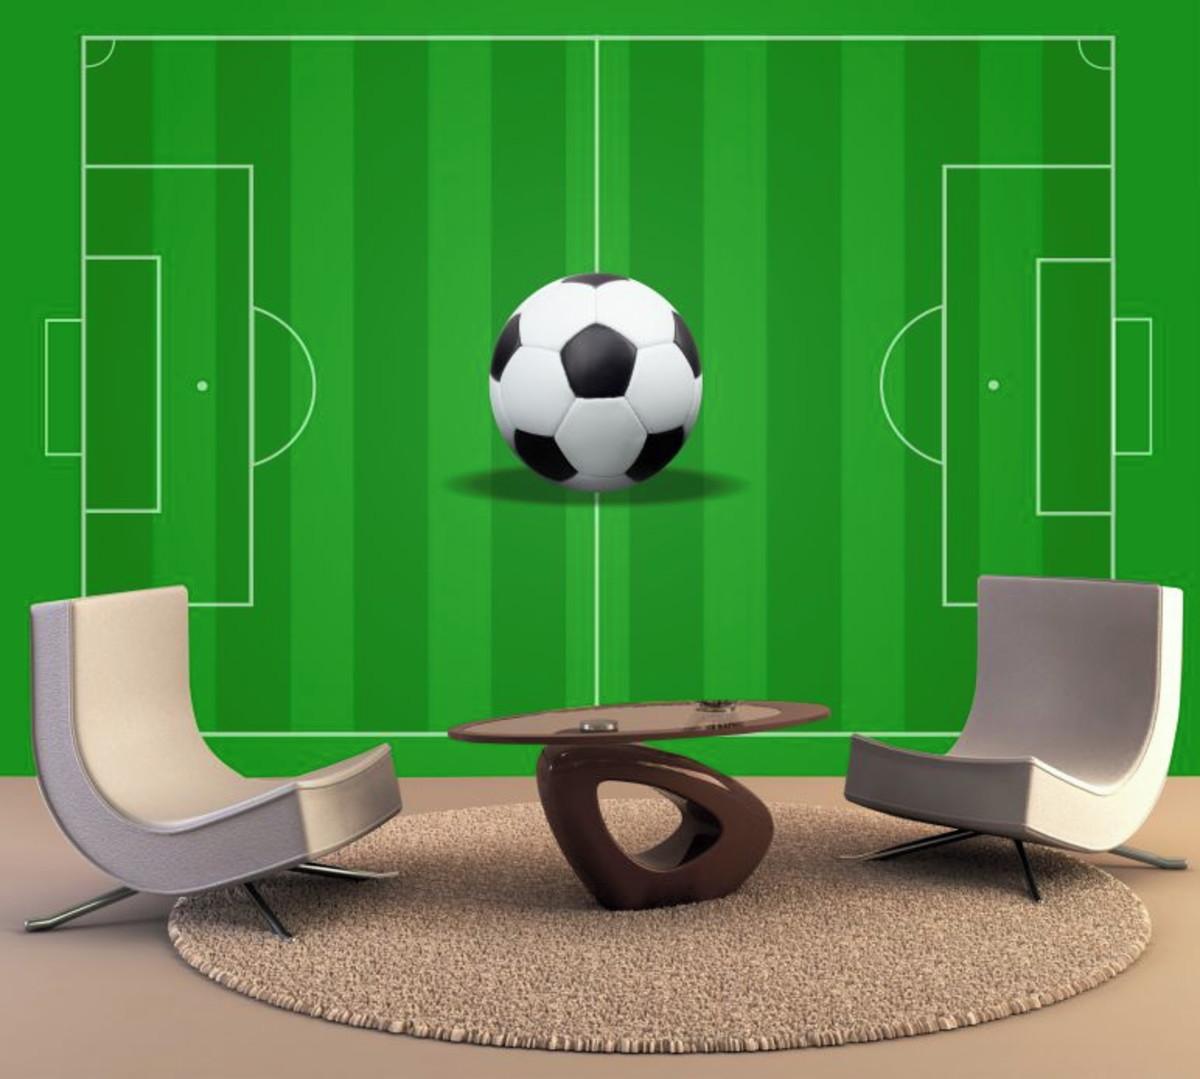 e27e61386 Papel de Parede Futebol Infantil Jogo Bola Esporte GG137 no Elo7 ...